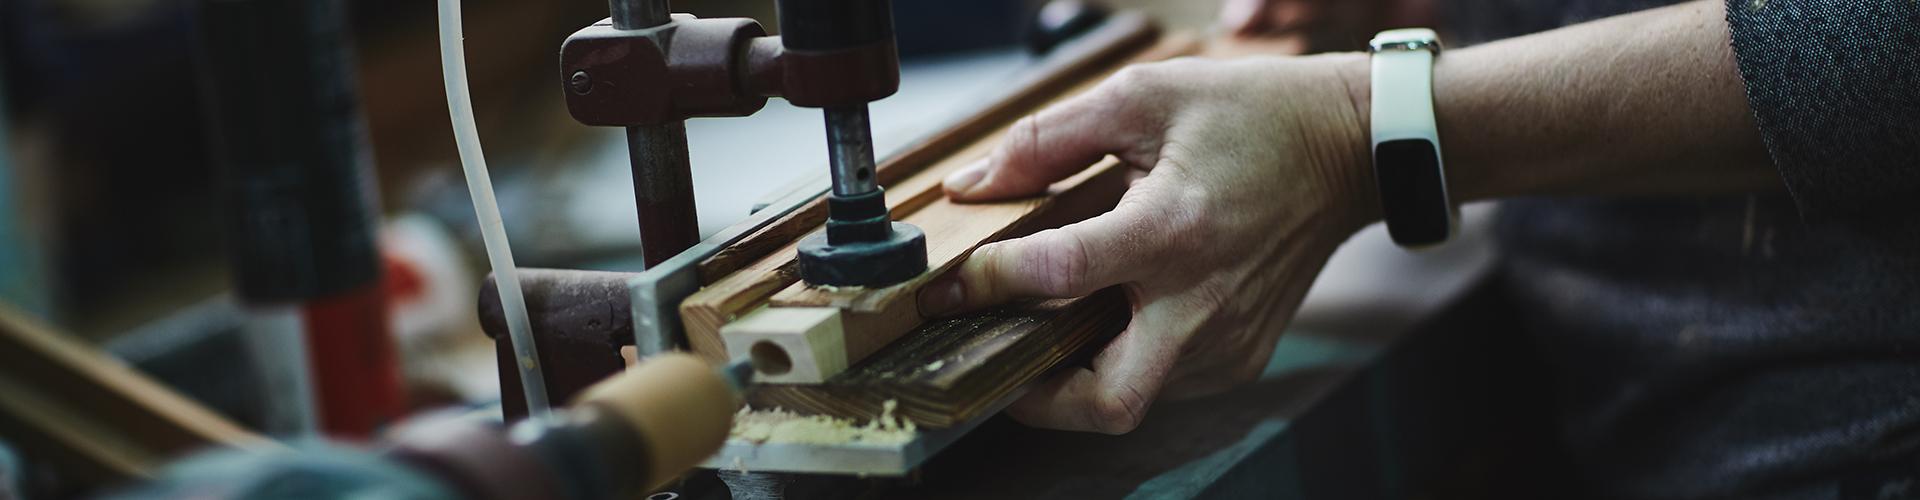 Bilde av hender som jobber med tre